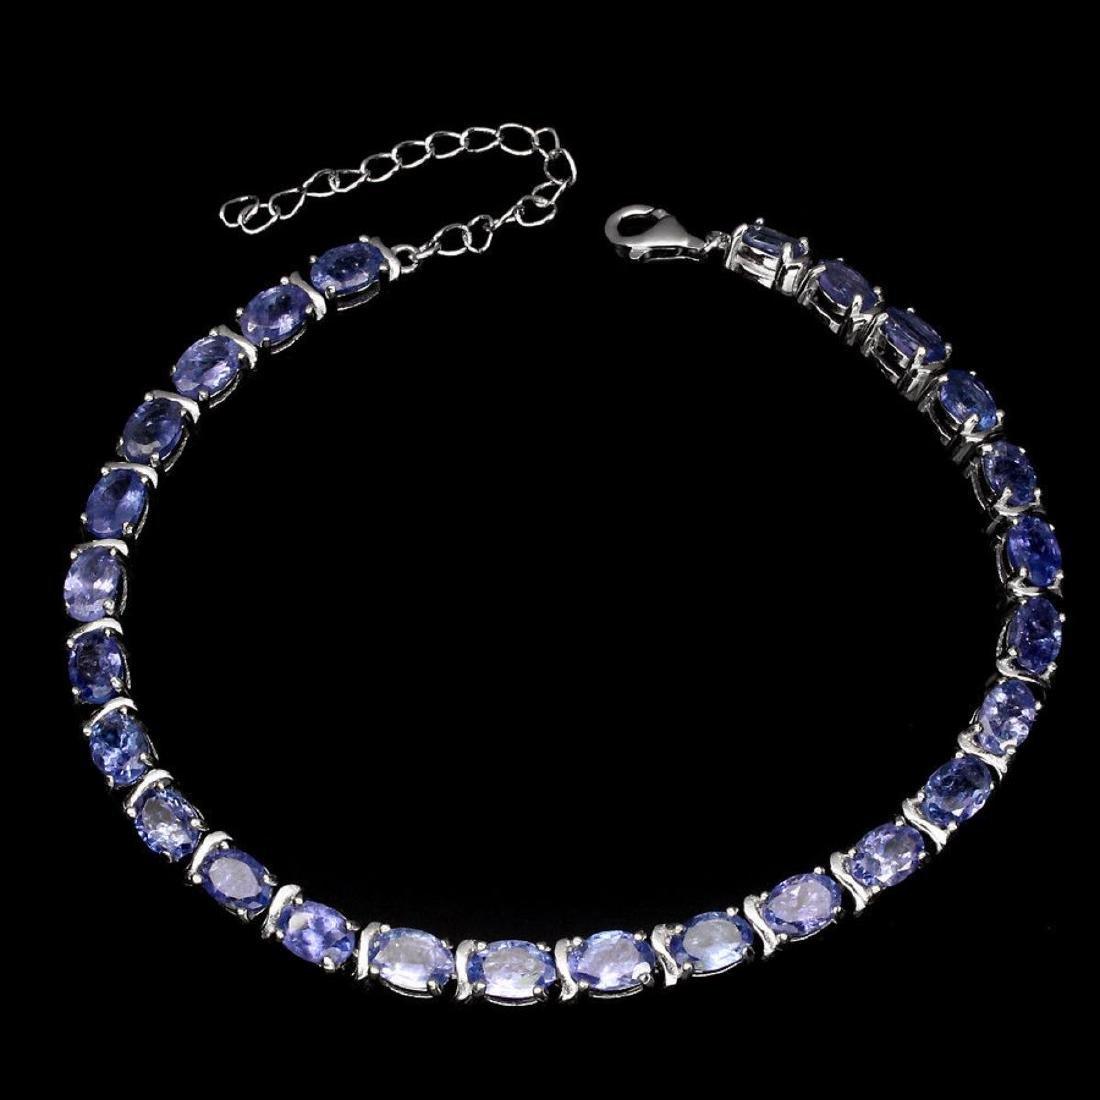 Natural Oval 6x4 mm  Blue Violet Tanzanite Bracelet - 2